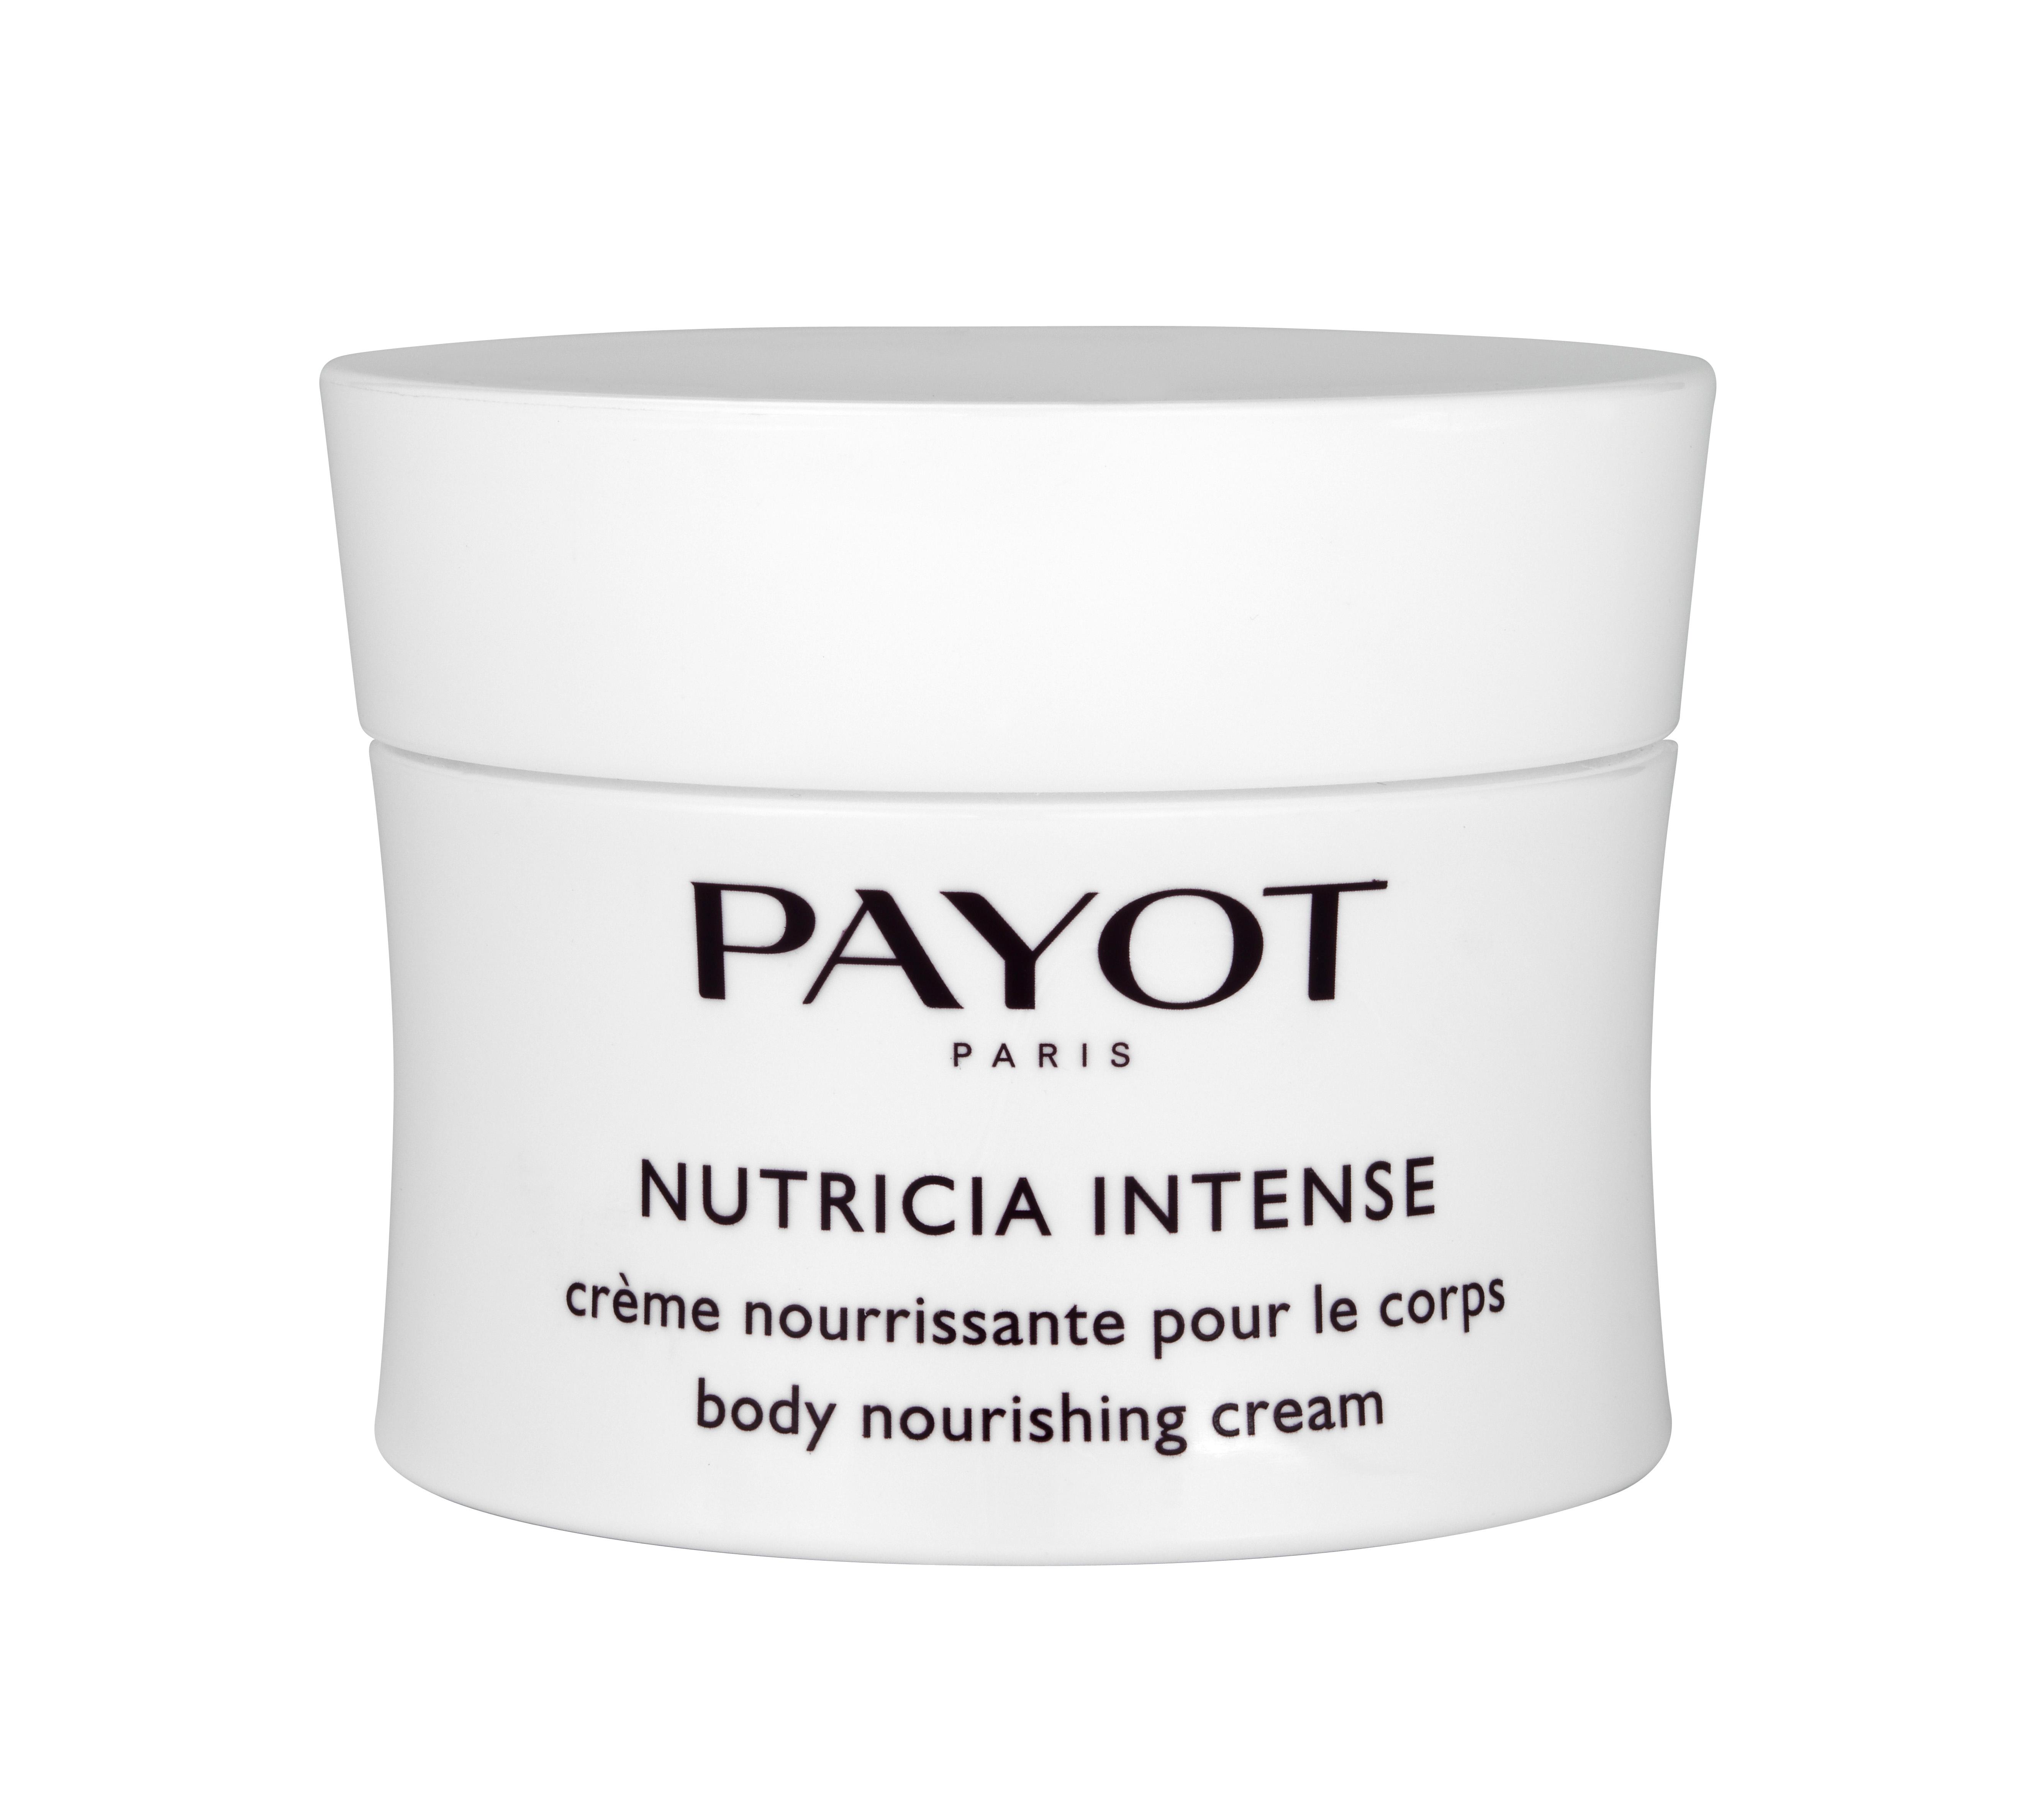 PAYOT Крем питательный для тела / Payot Corps, 200 мл payot крем питательный реструктурирующий с олео липидным комплексом nutricia 50 мл